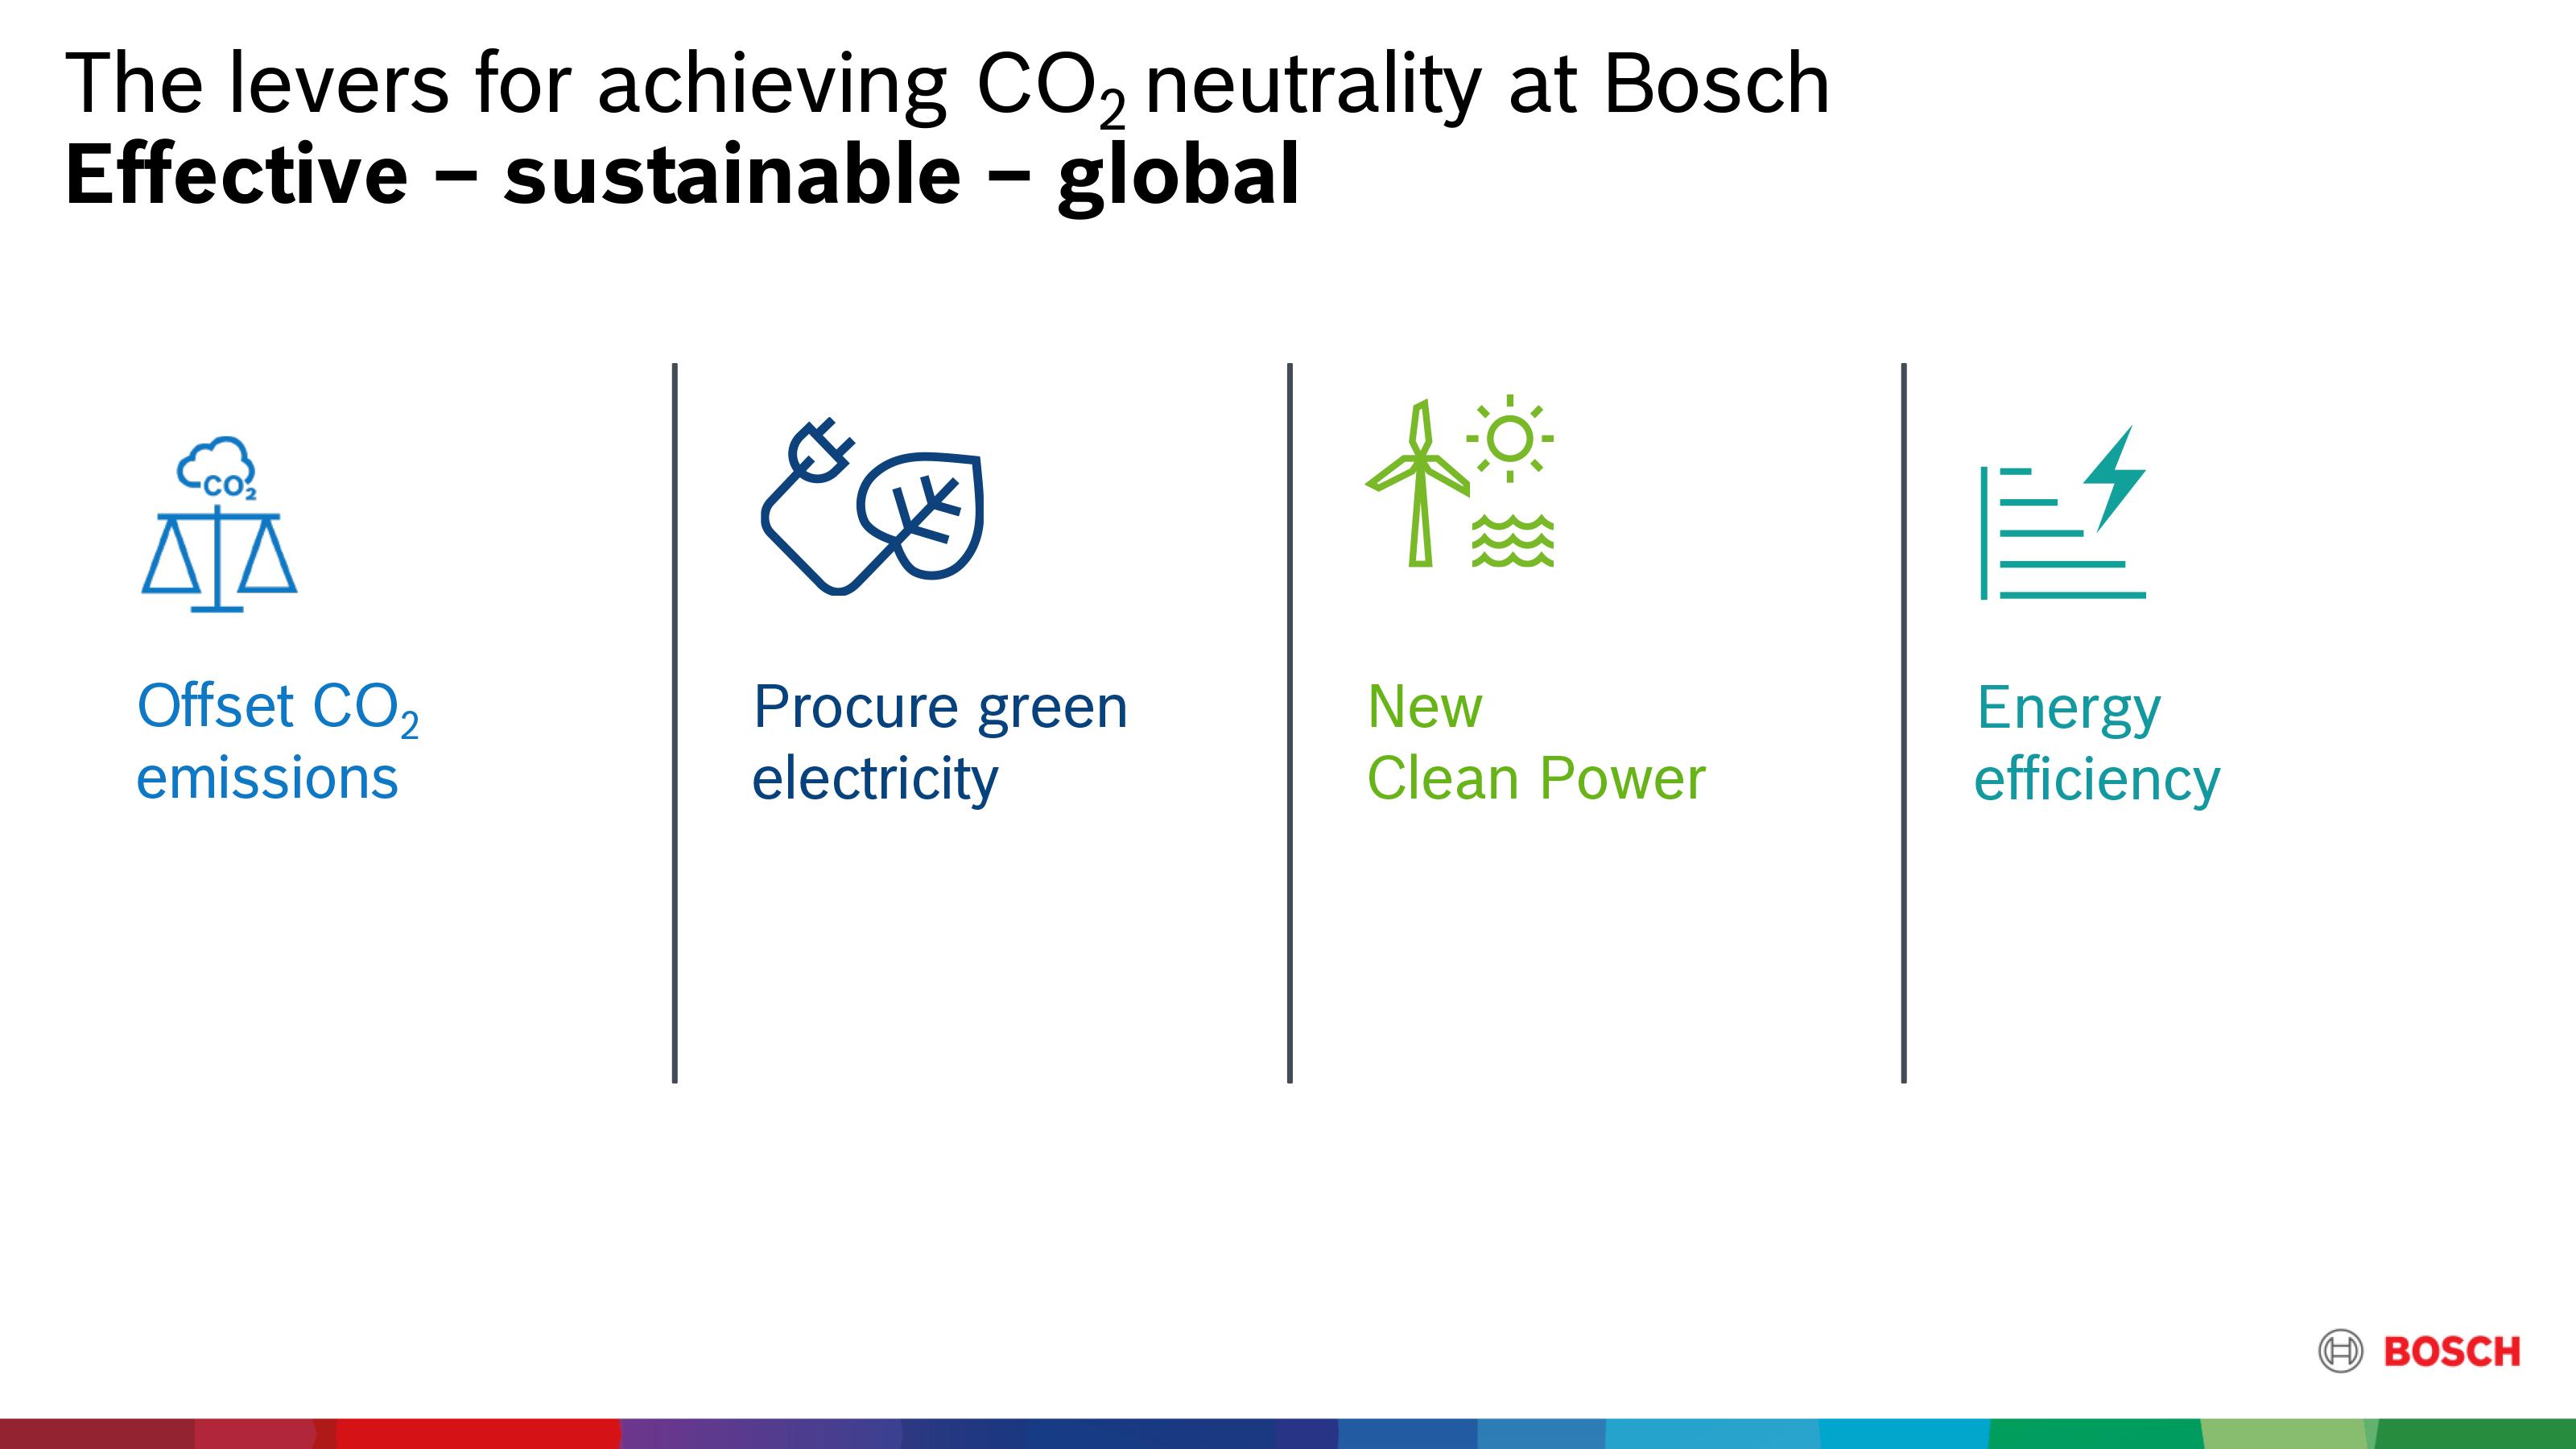 De mijlpalen om CO2-neutraliteit te bereiken bij Bosch